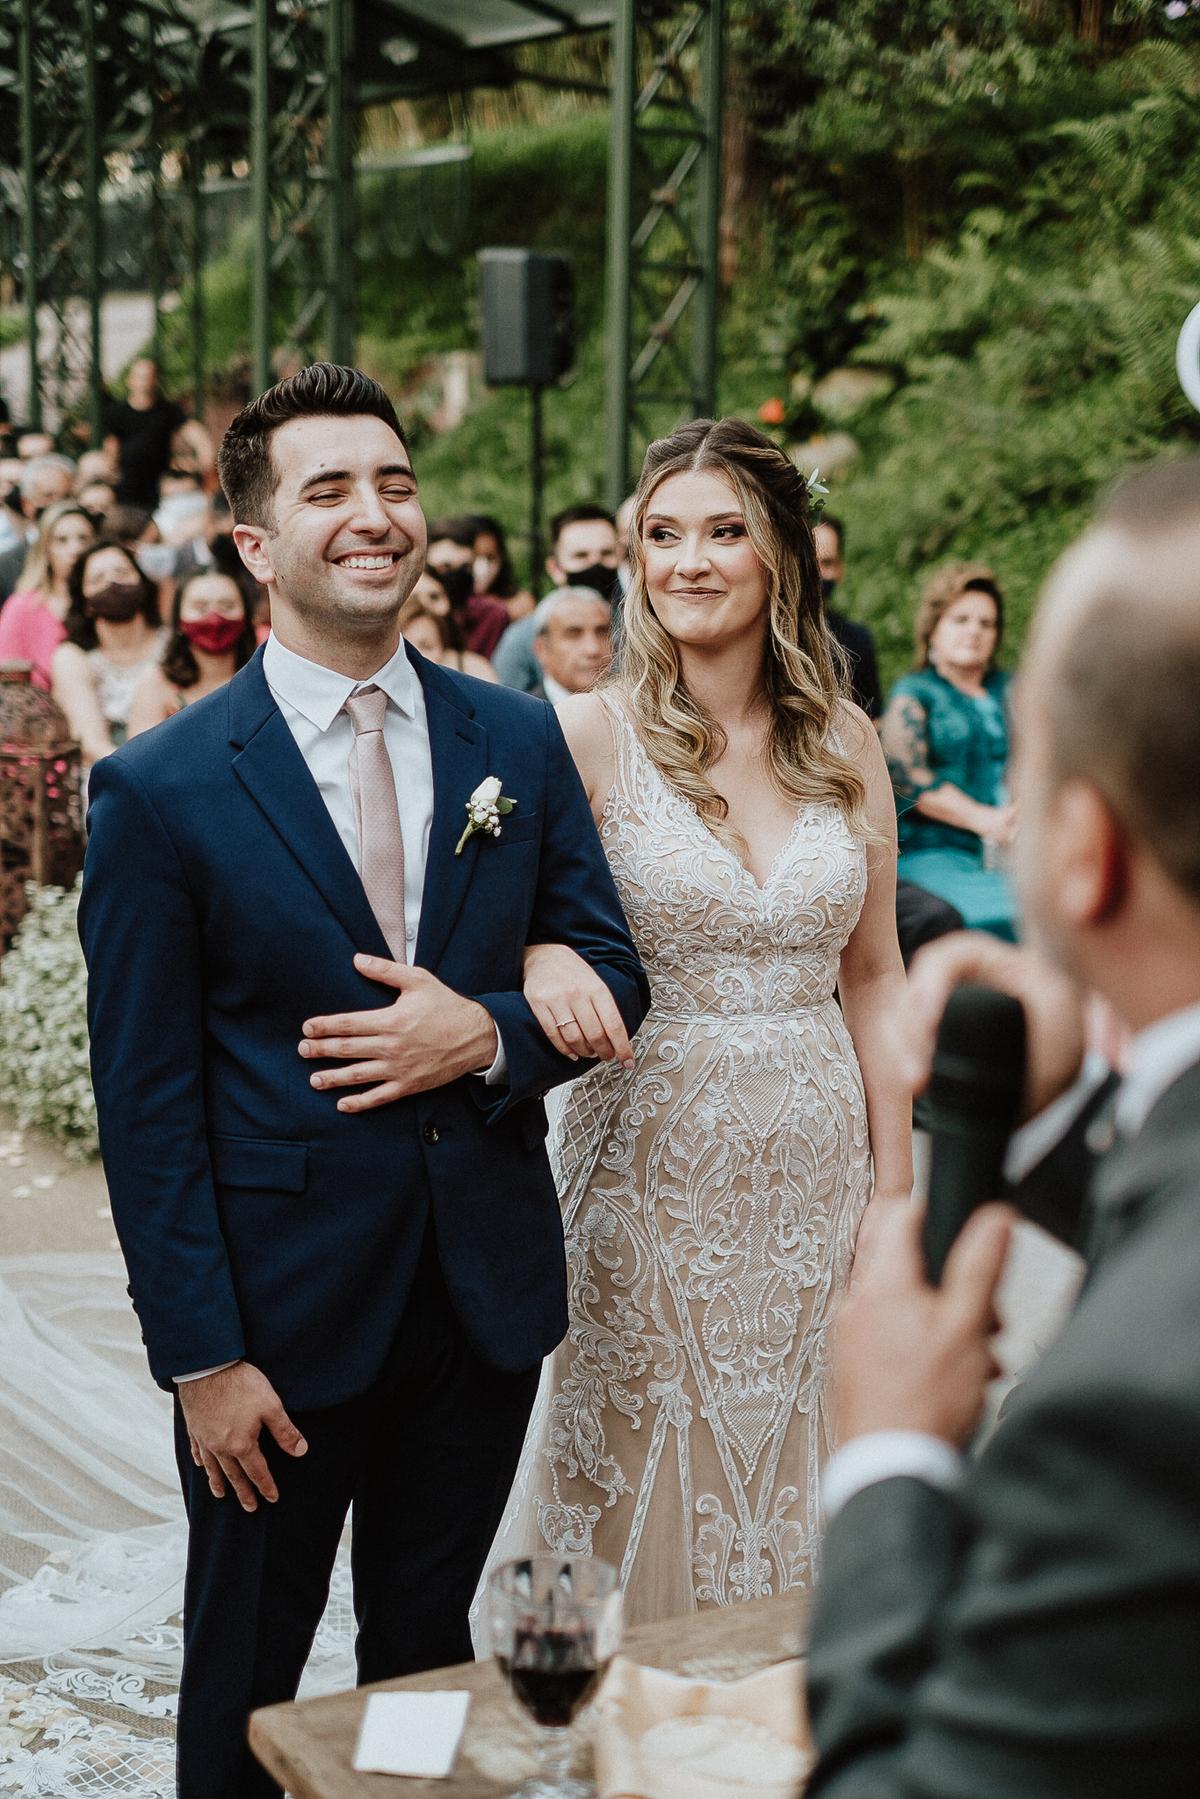 casamento de dia fotos por caio henrique cerimonia no campo sitio sao jorge noivos sorrindo na cerimonia  pais da noiva olhar da noiva